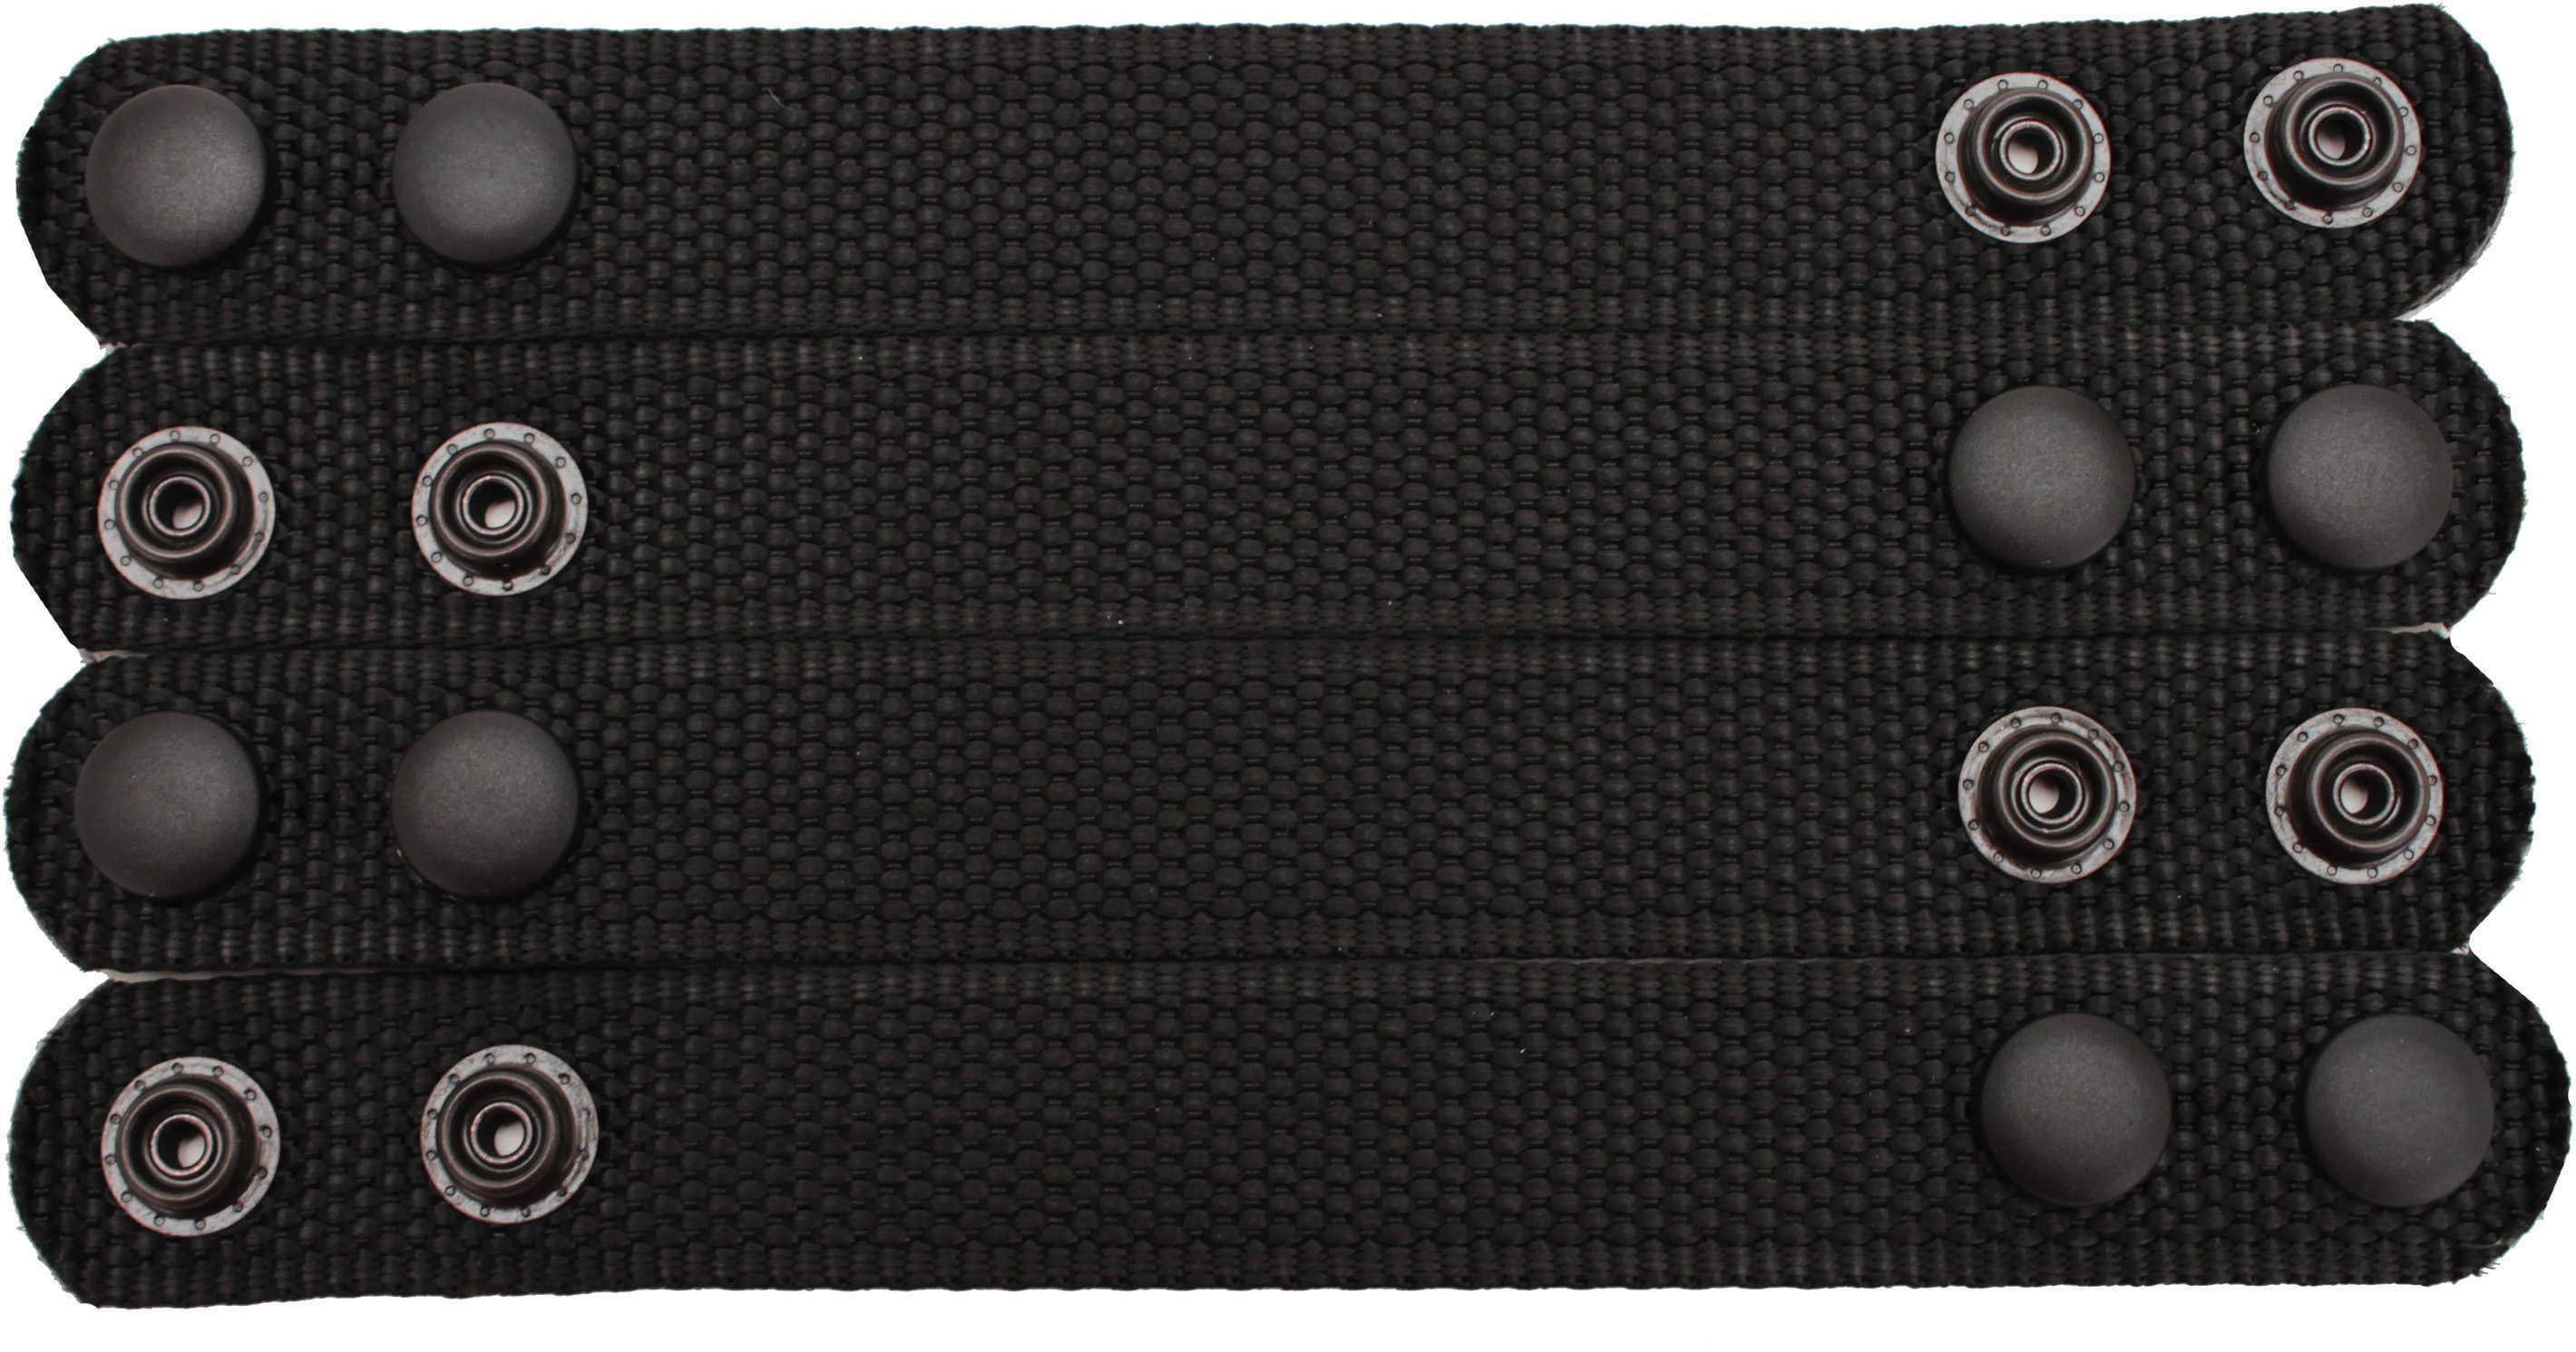 Bianchi 6406 Ranger Belt Keepers 4 Pack Black, Velcro Md: 15634